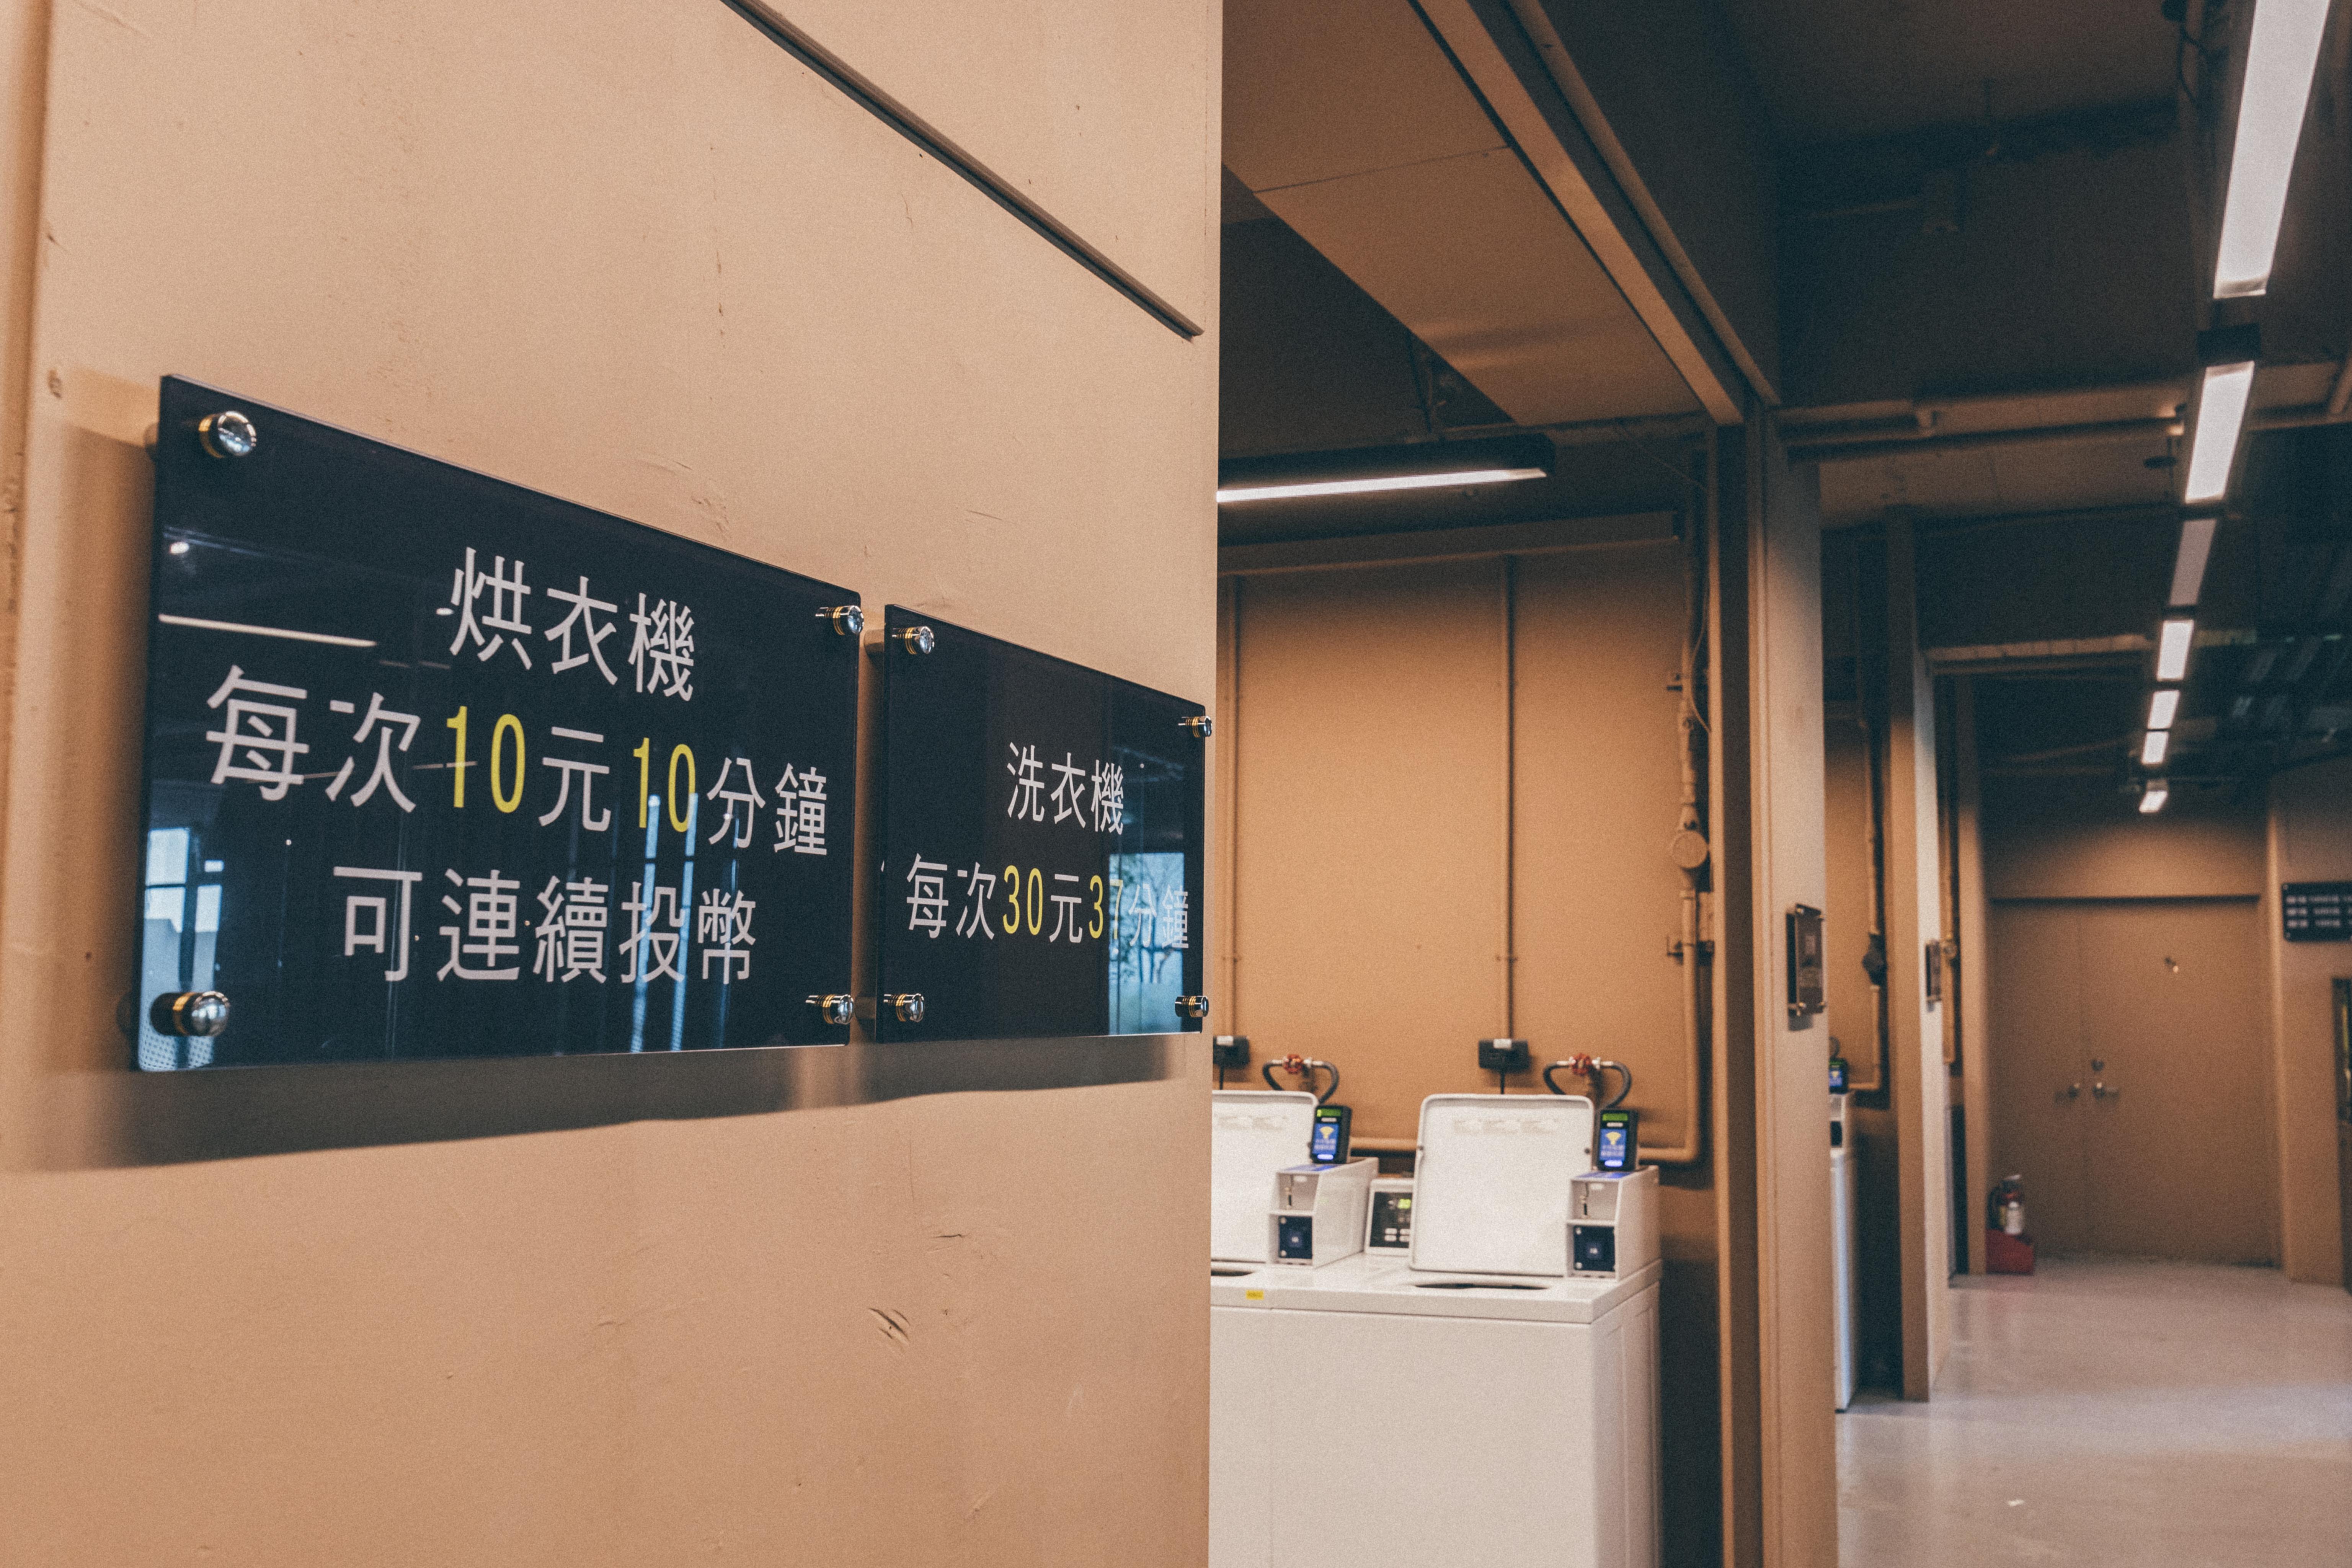 福星宿舍洗衣房